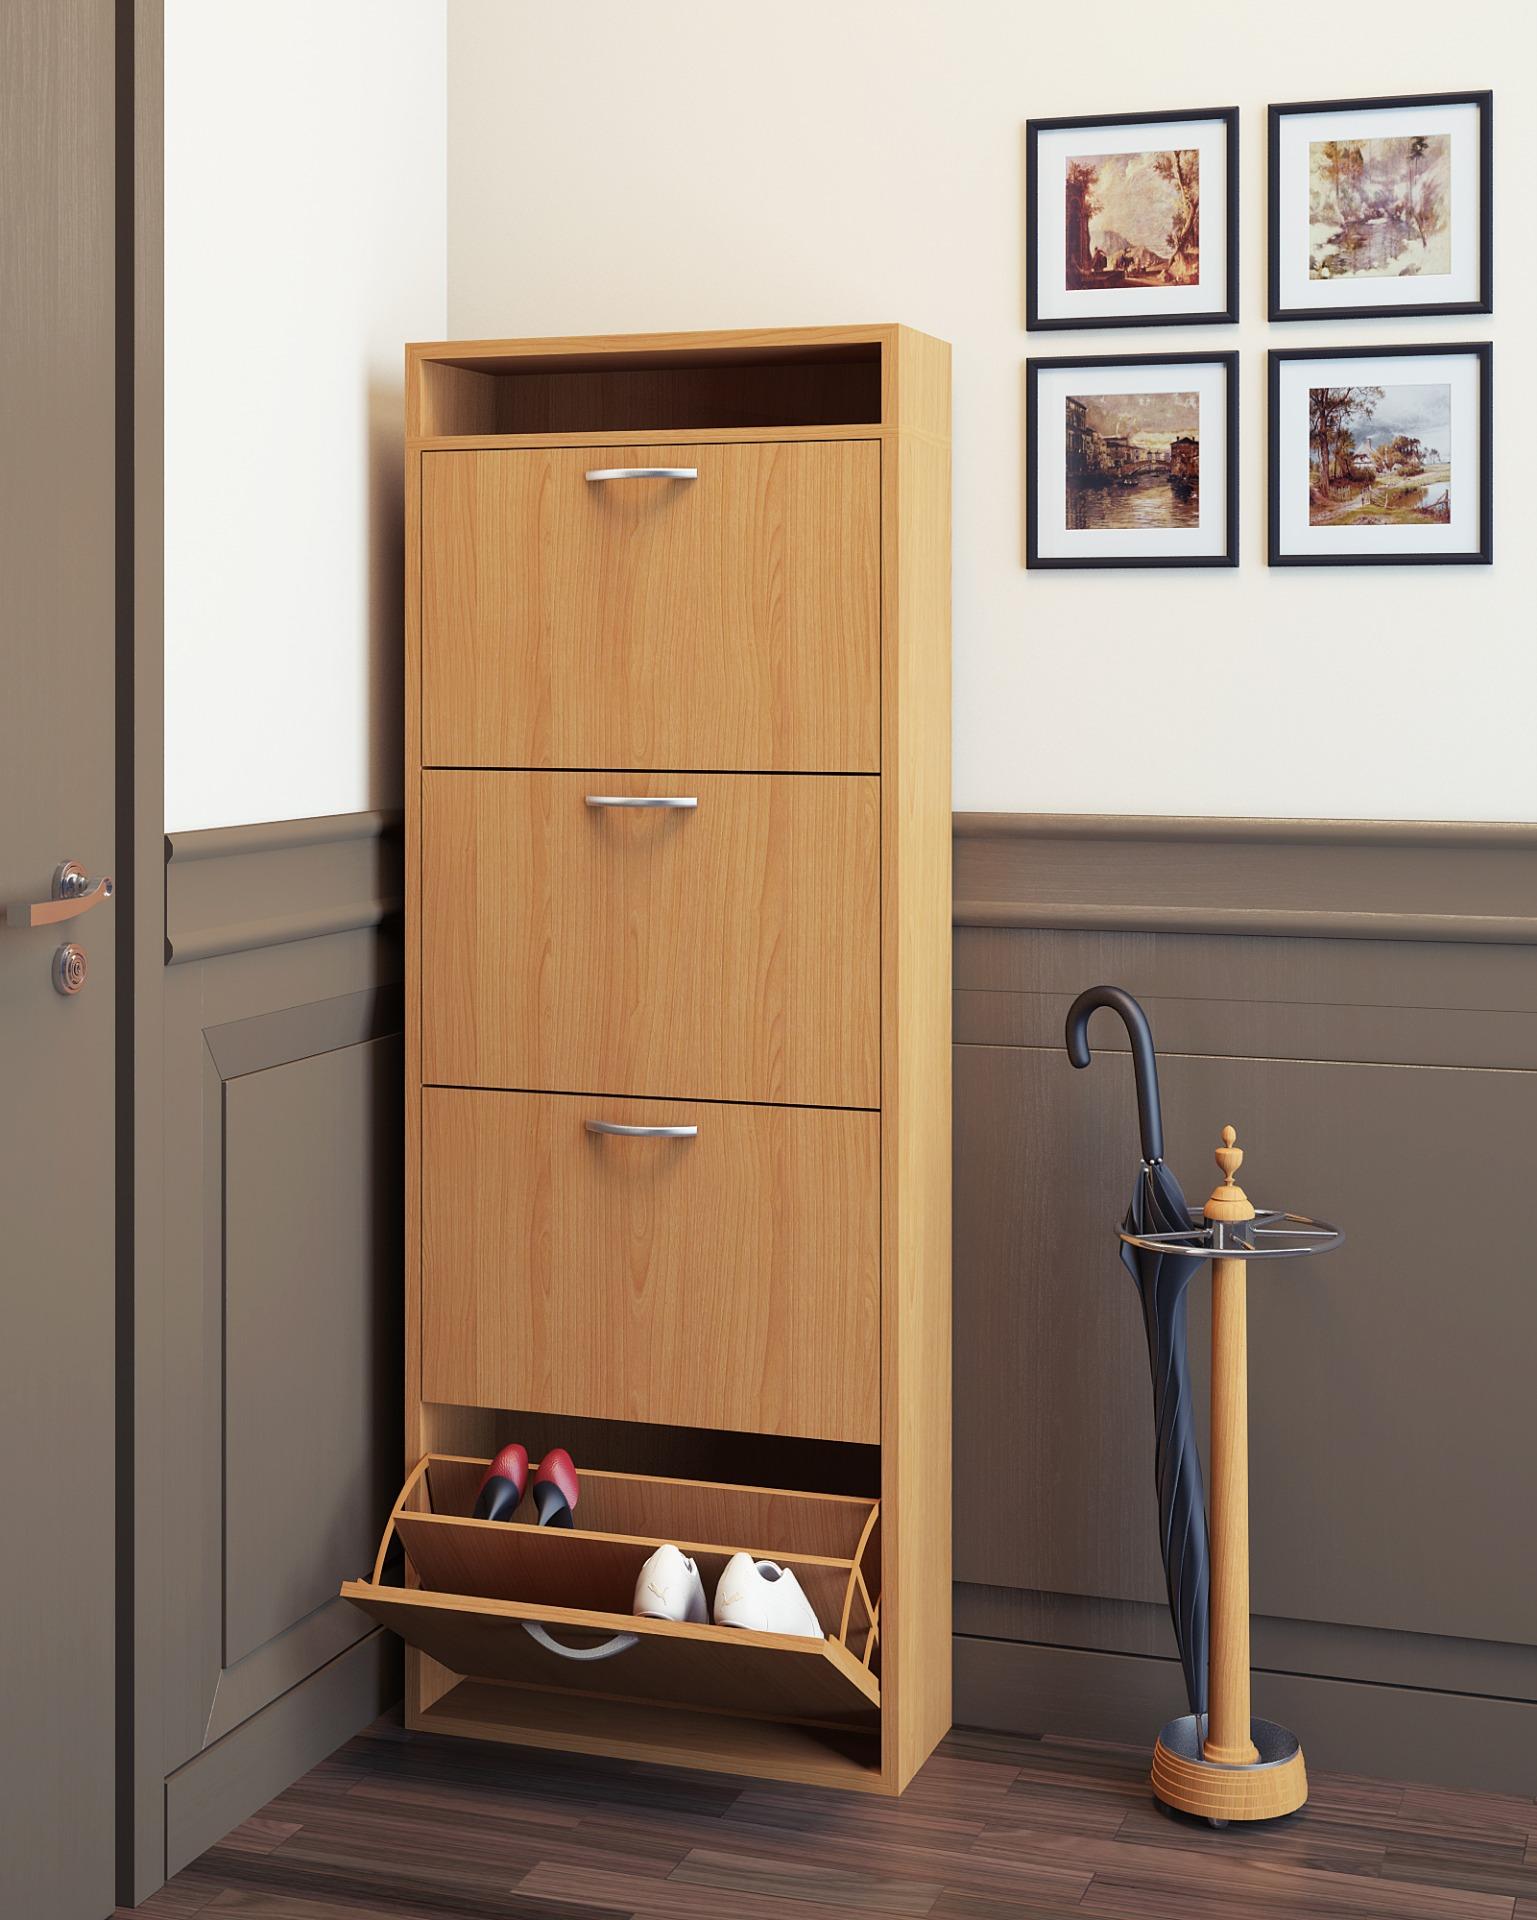 металлическая галошница для обуви в прихожей комнате